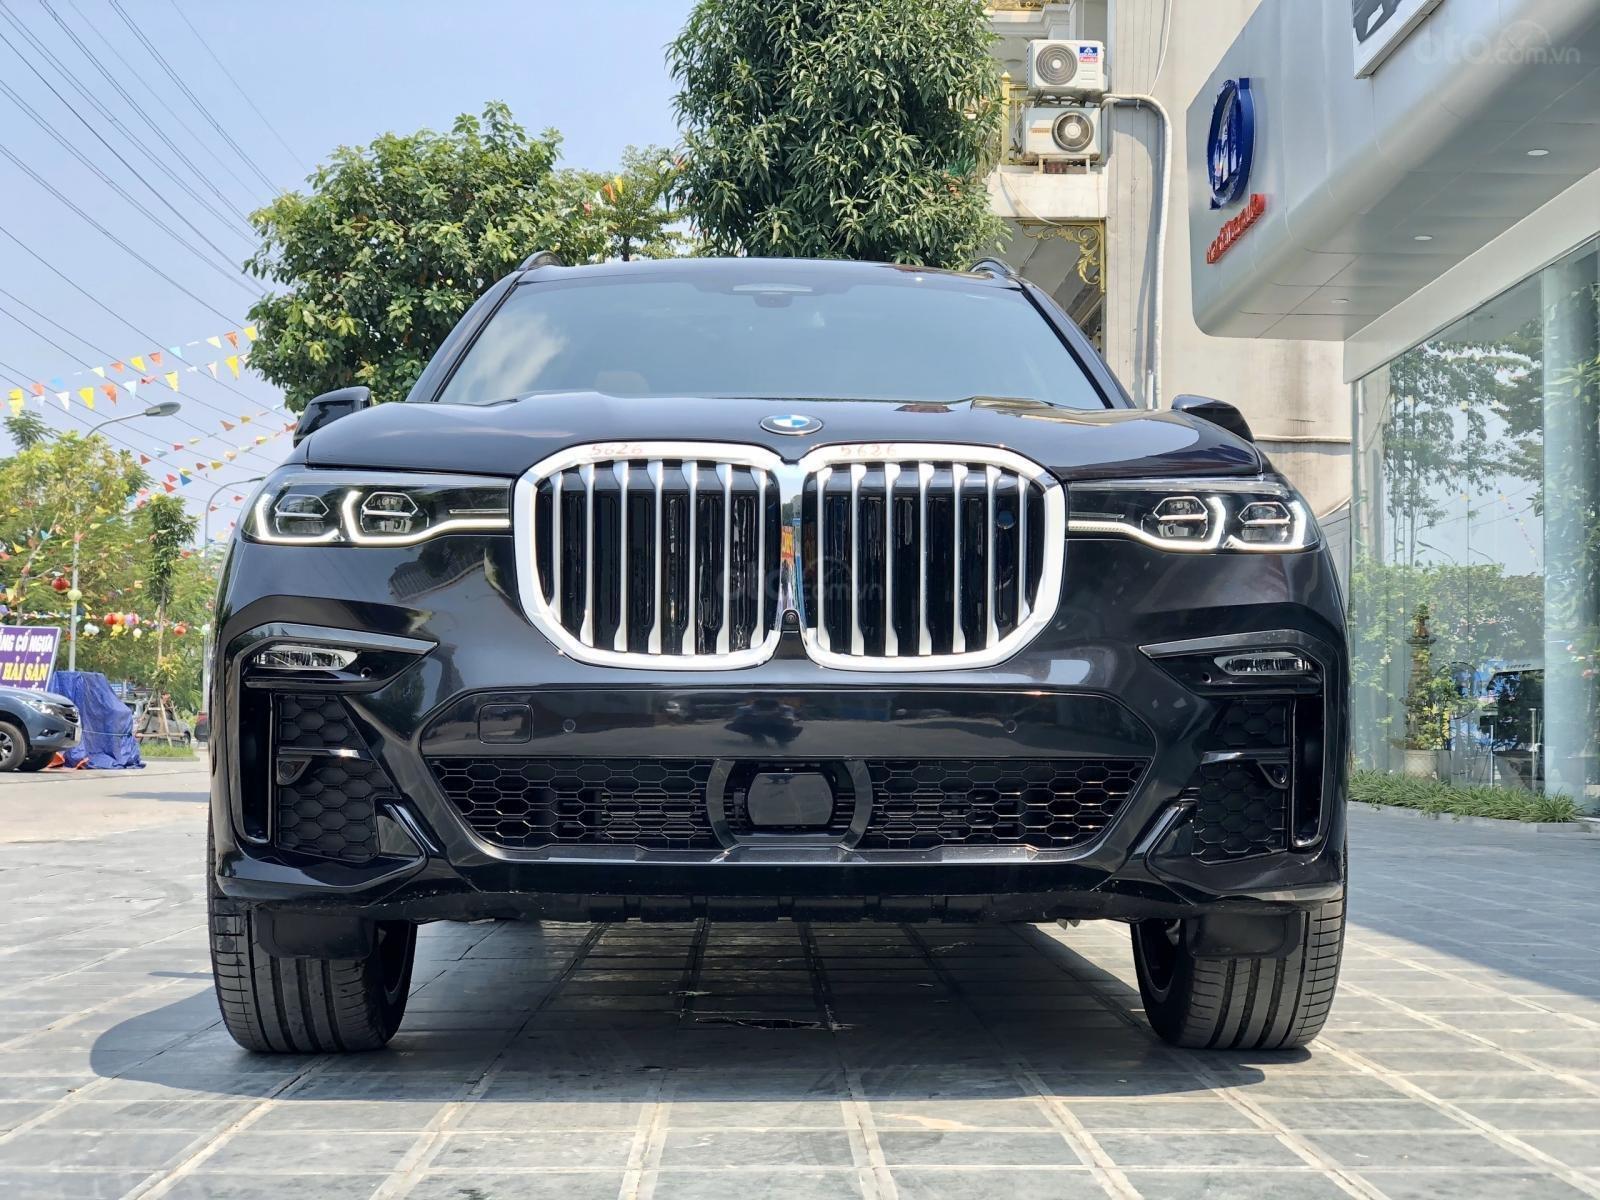 Bán BMW X7 XDrive40i M-Sport sản xuất năm 2019 full kịch option, màu đen, xe nhập Mỹ, mới 100% giao ngay, LH 0982.84.2838 (3)